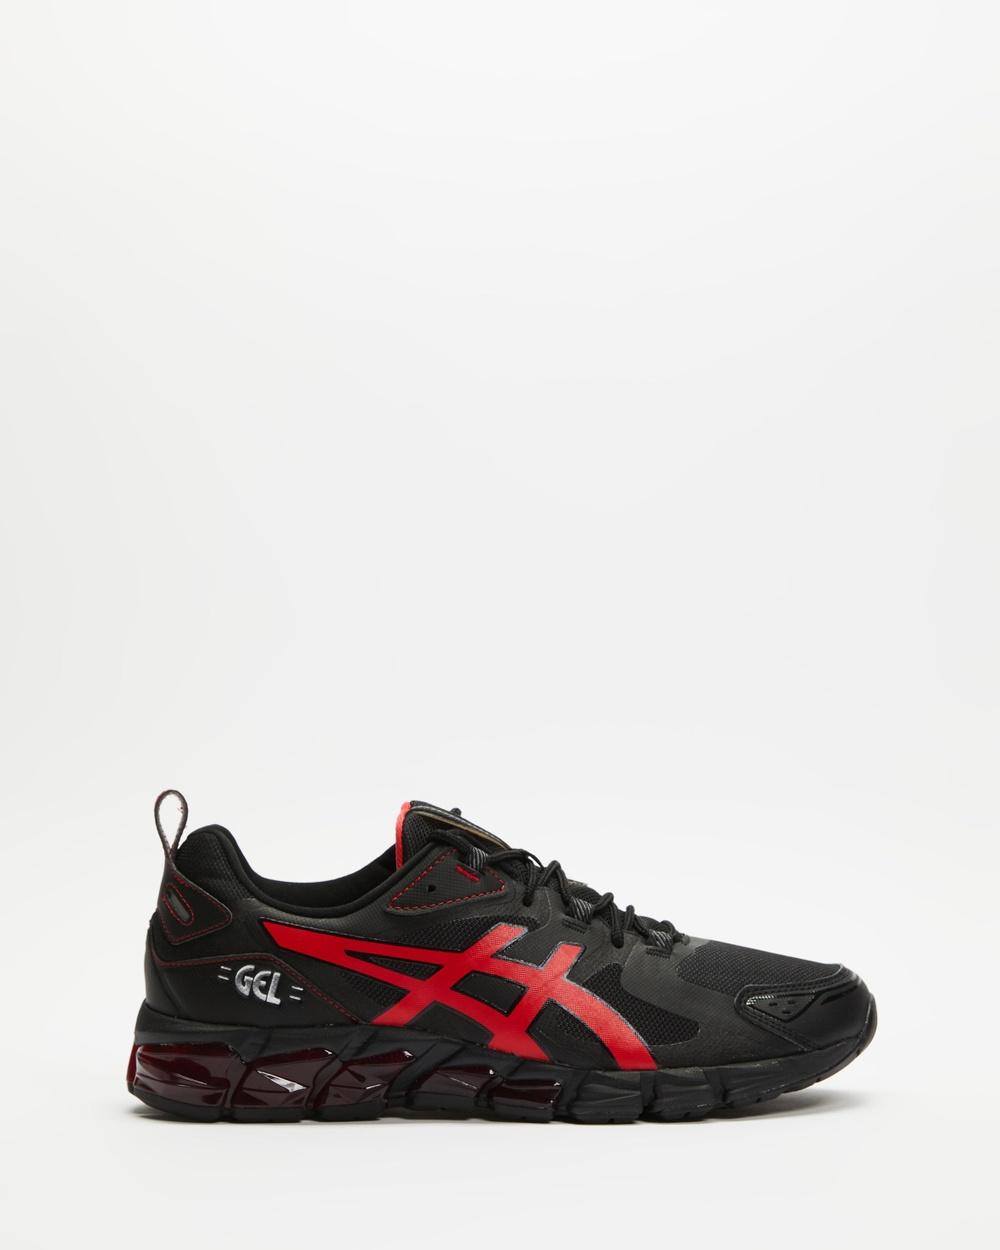 ASICS GEL Quantum 180 6 Men's Performance Shoes Black & Electric Red GEL-Quantum Australia